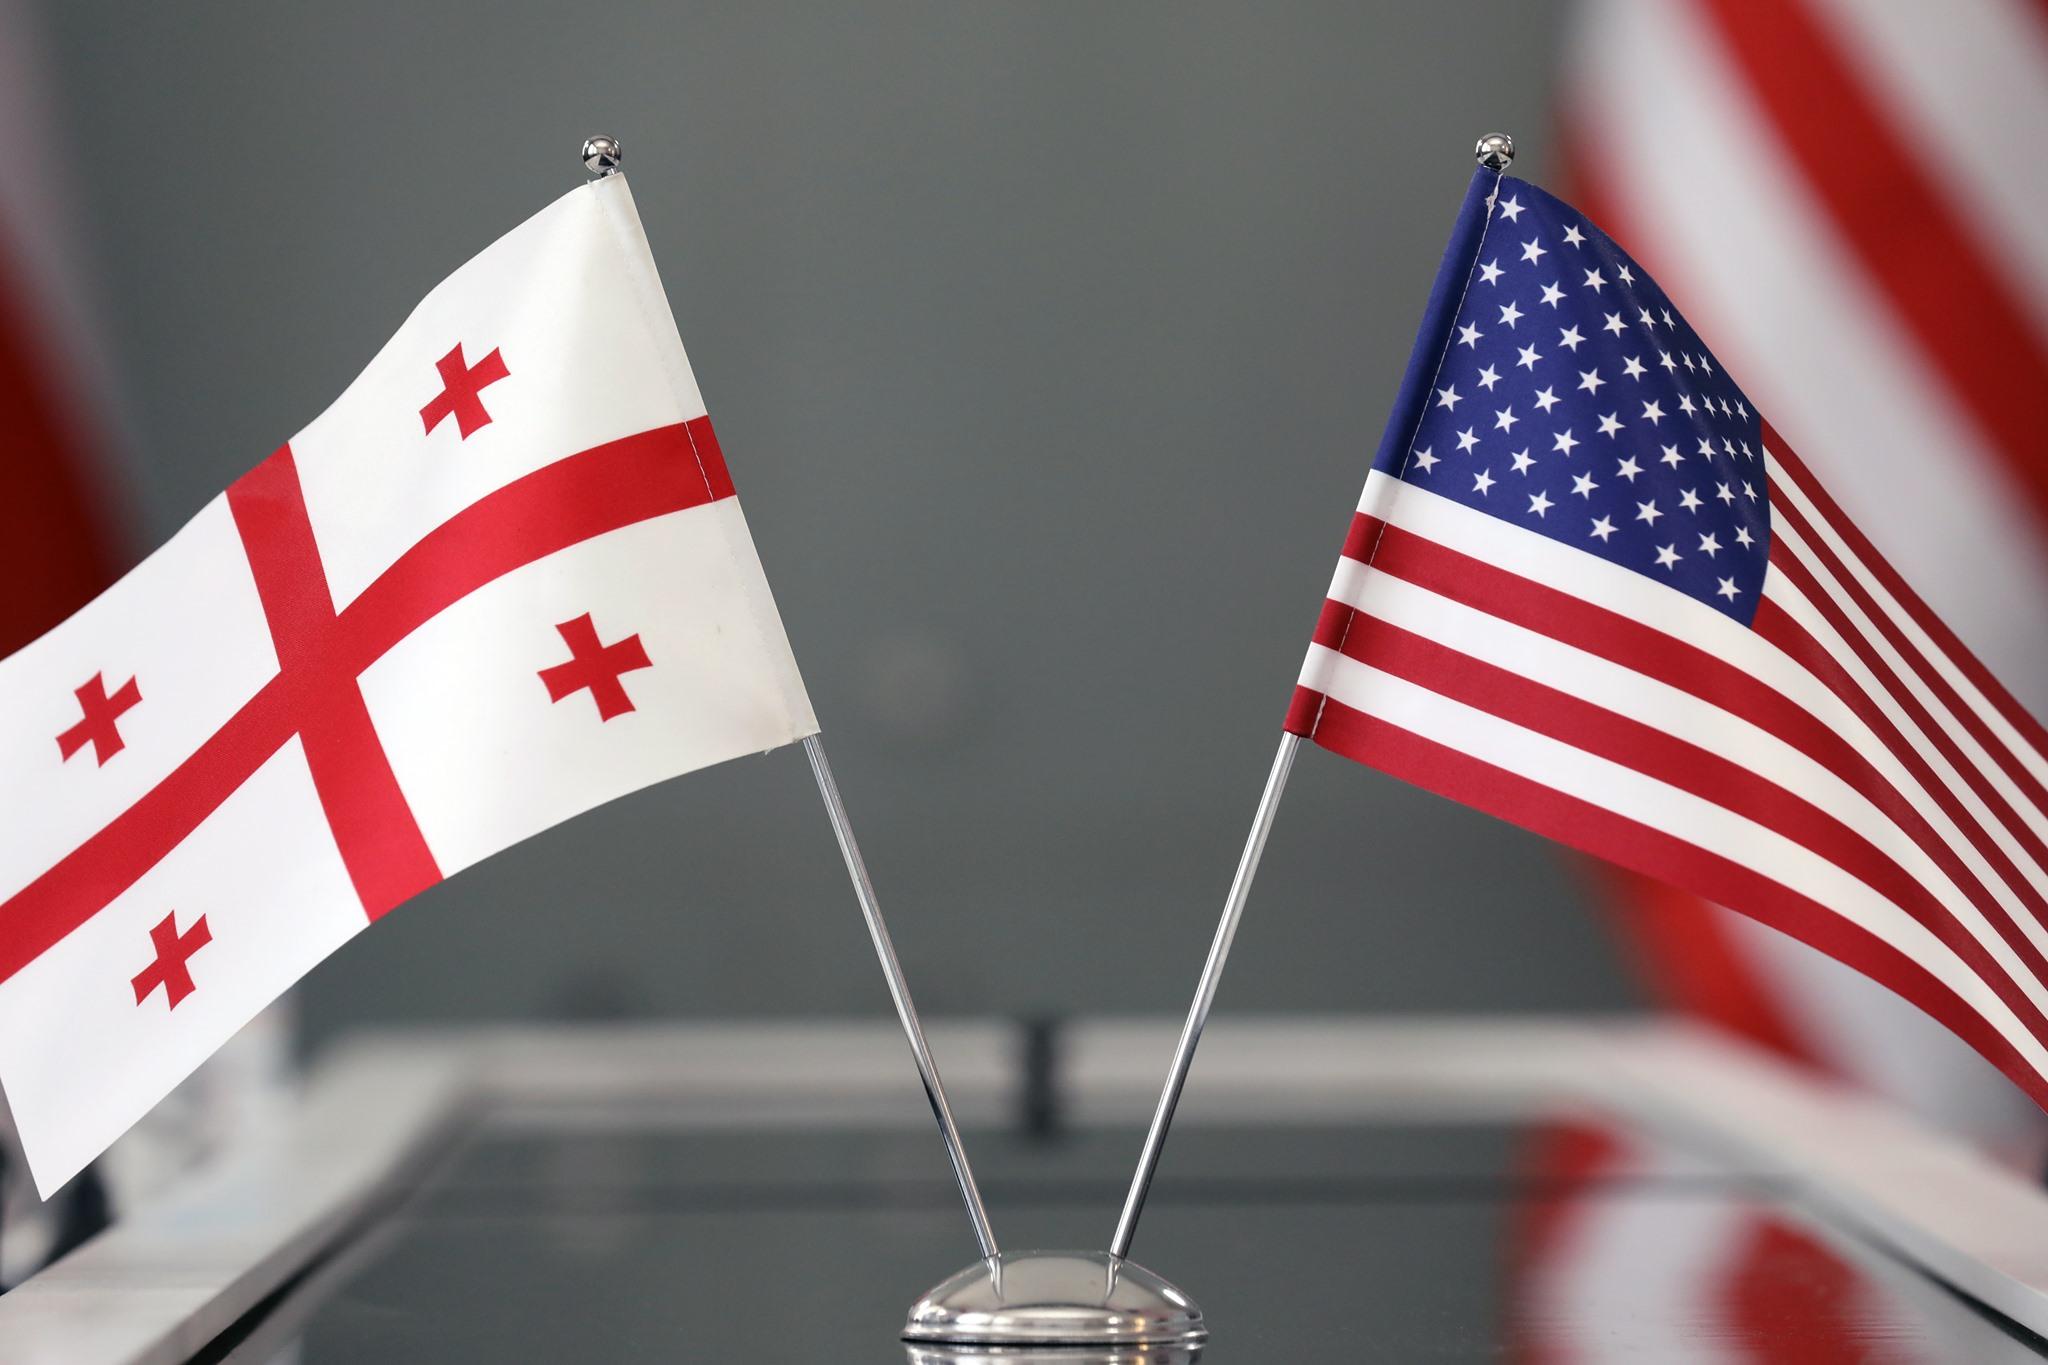 Georgia USA Flags 4 Ирма Инашвили Ирма Инашвили